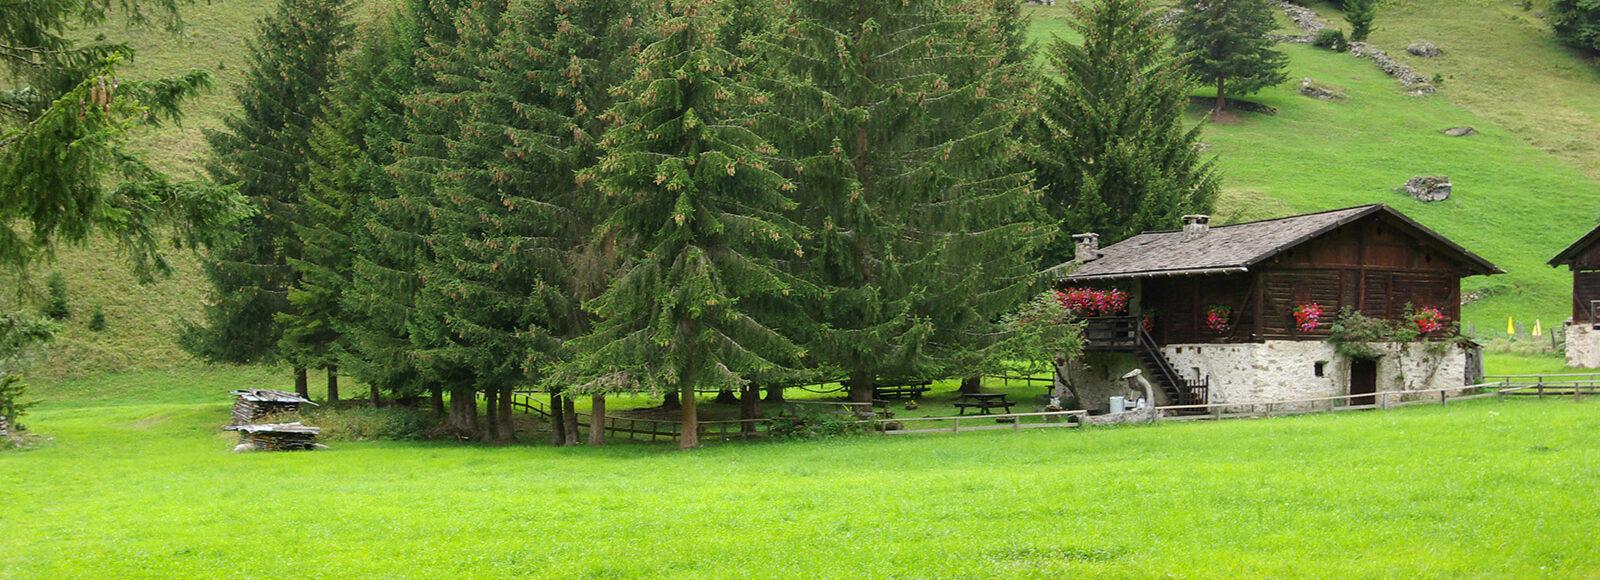 Vacanze Estive in Trentino, Val di Sole | Hotel Salvadori